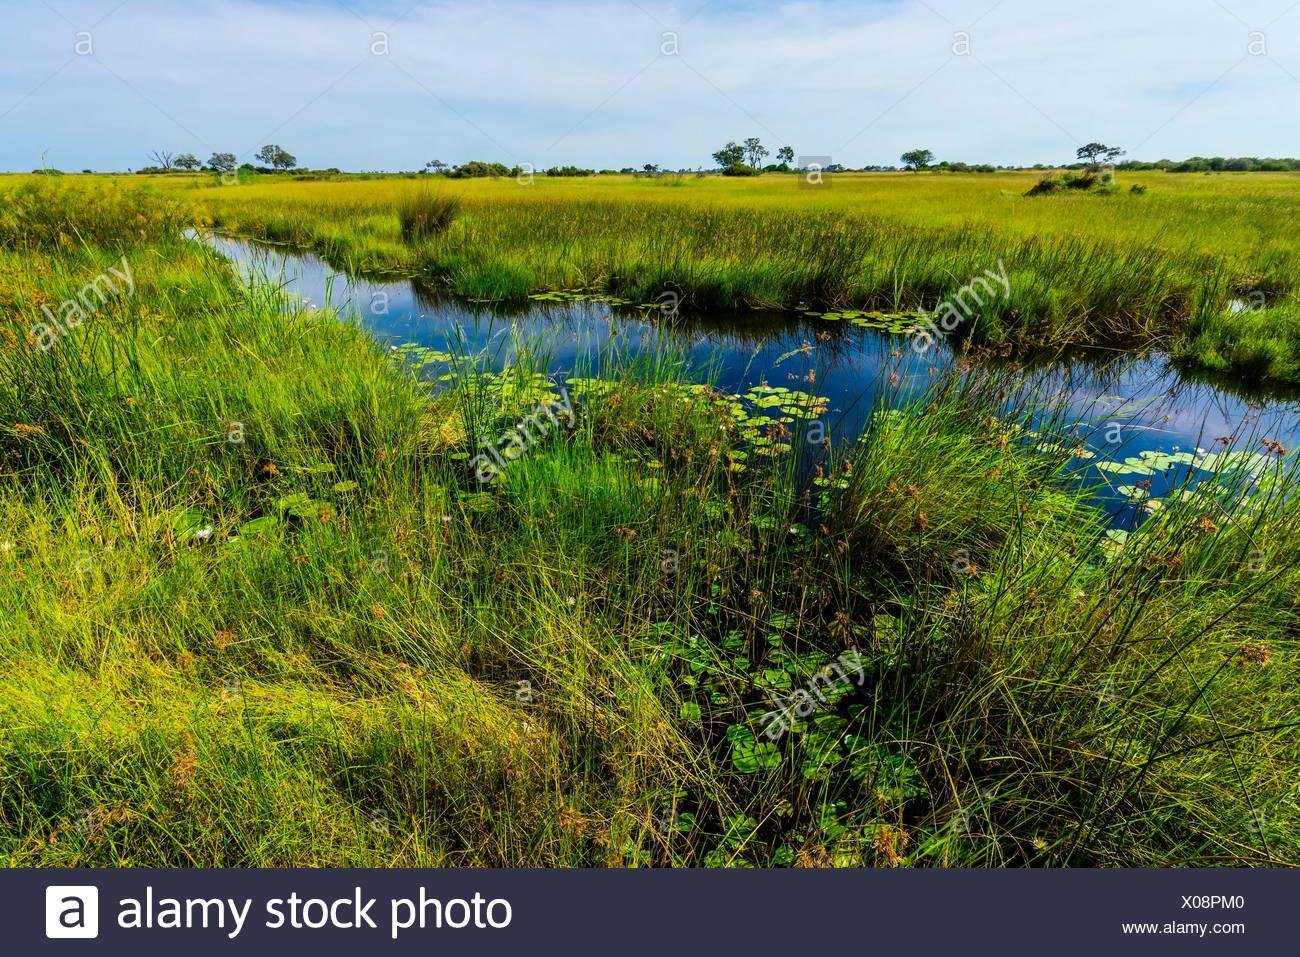 Water lilies, Lebala Camp, Kwando Concession, Linyanti Marshes, Botswana. Stock Photo